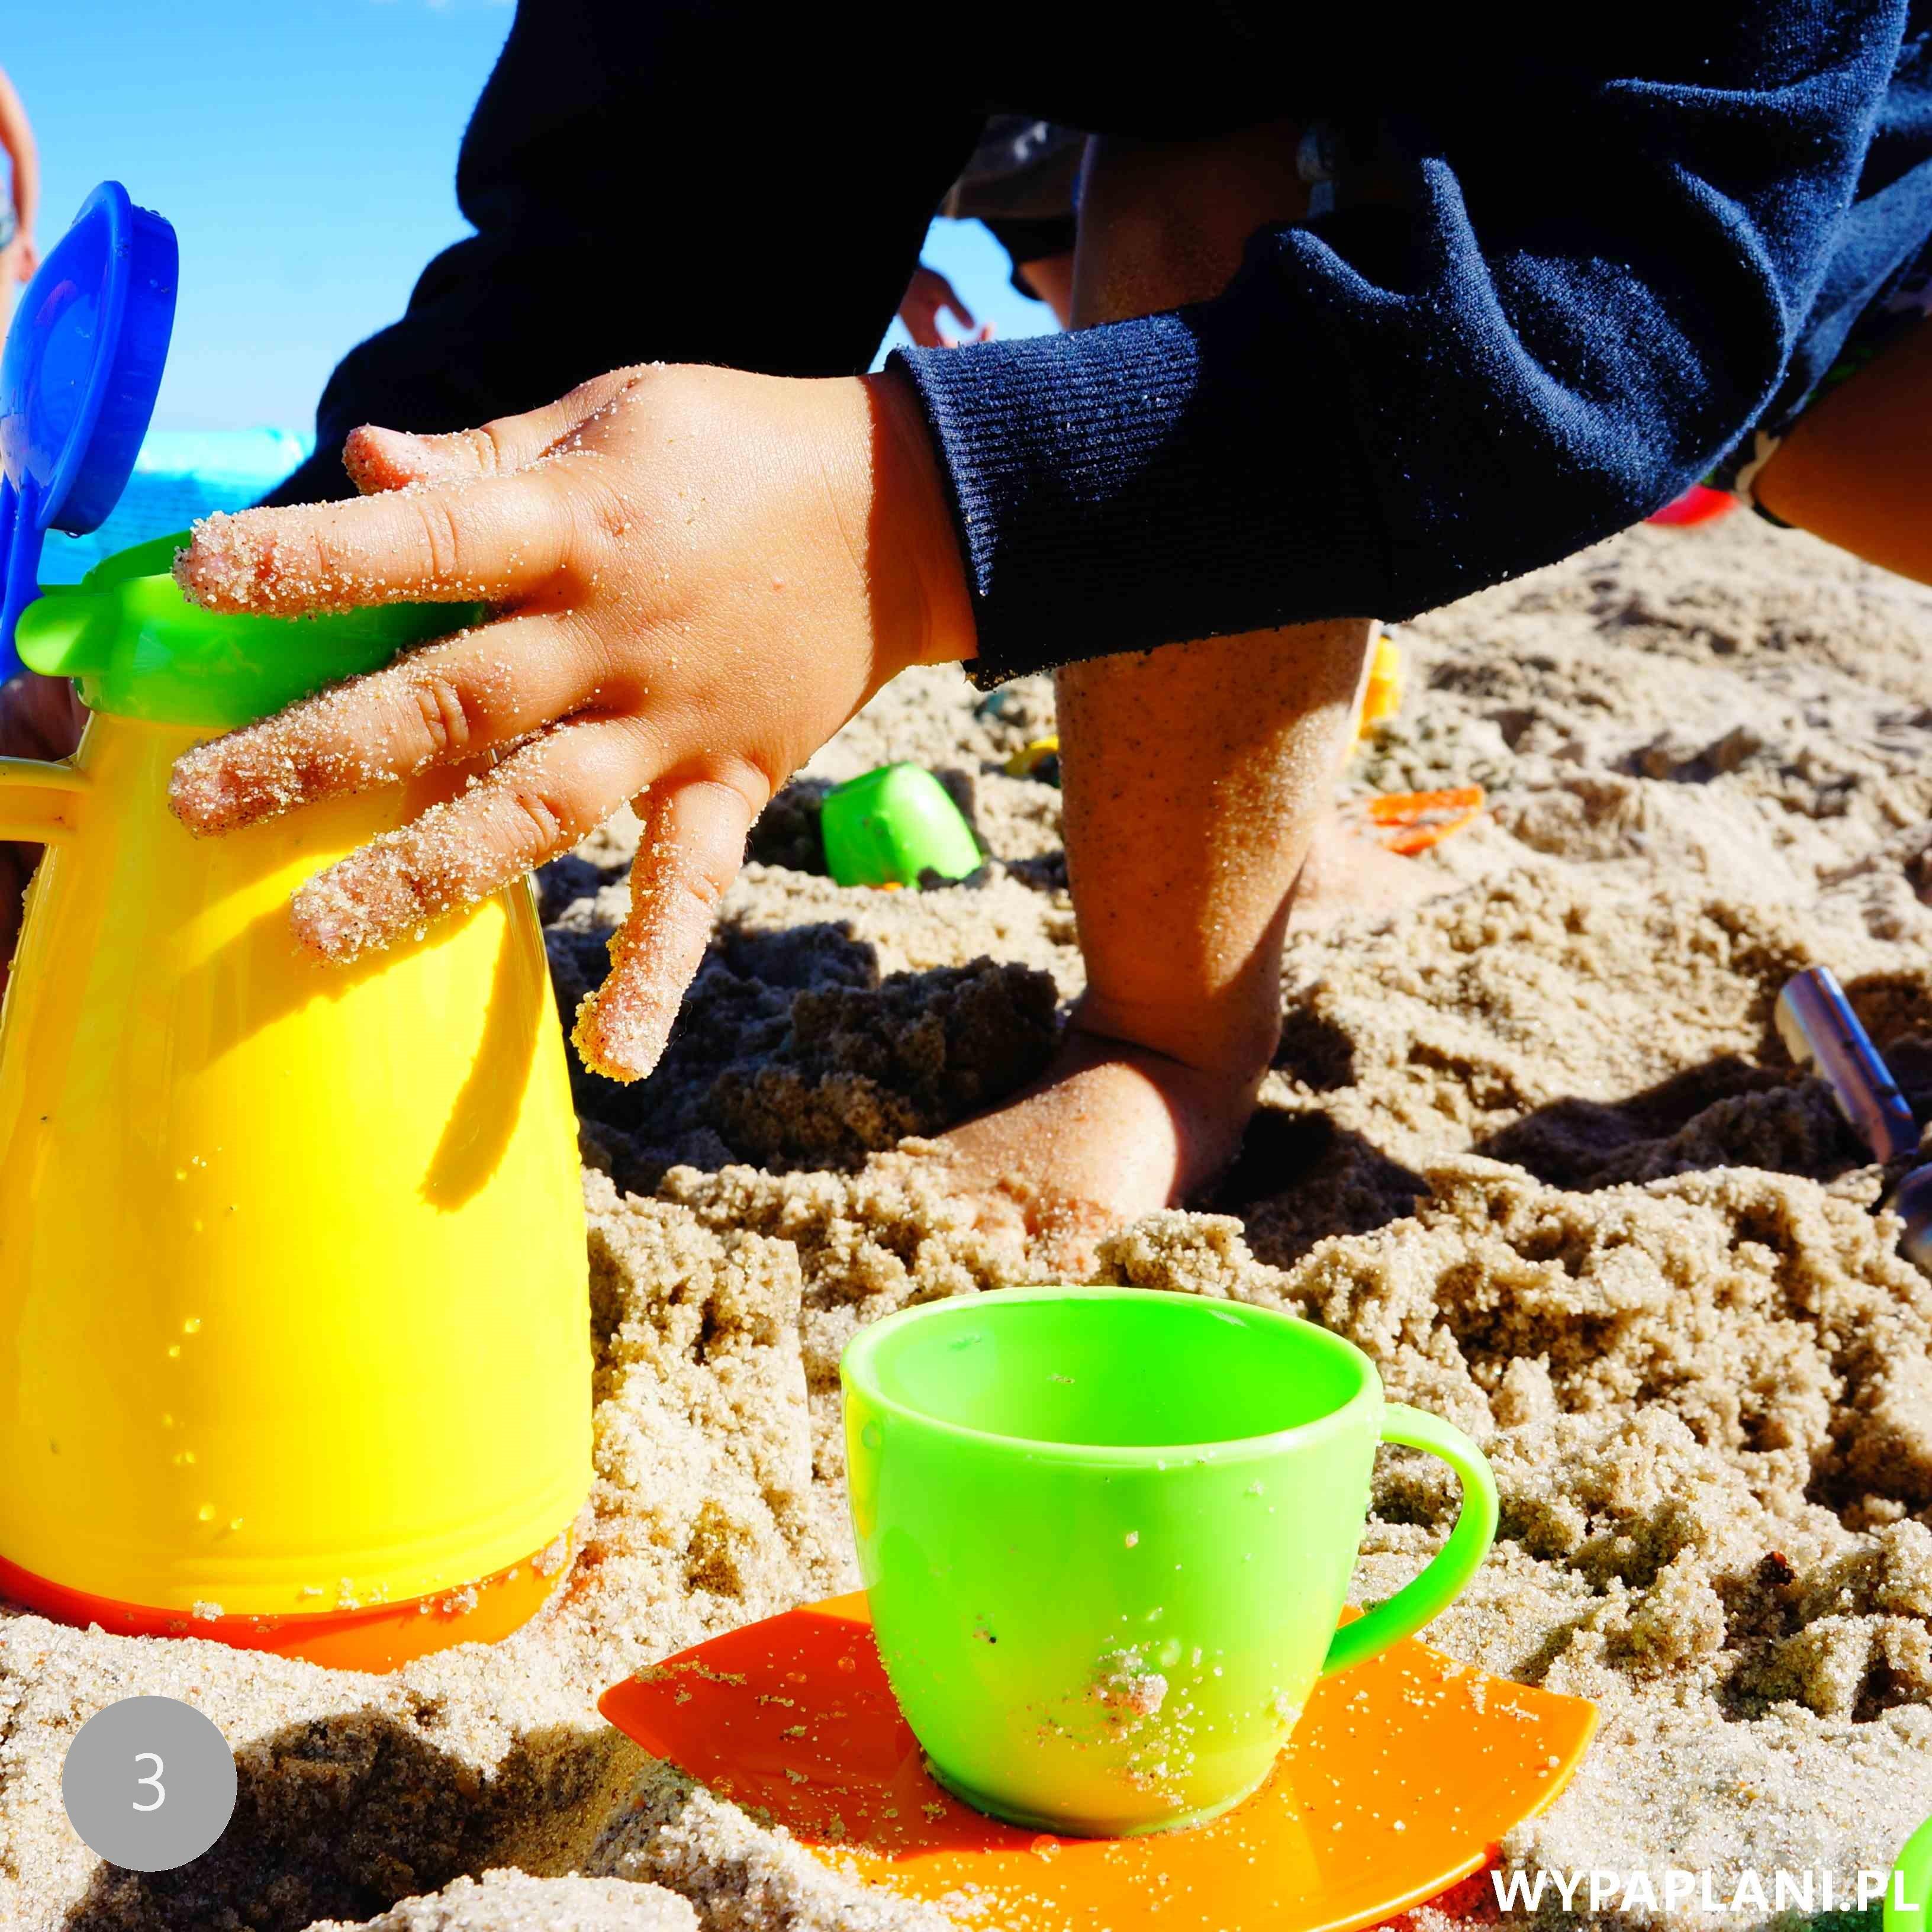 010_top zabawki do piasku piaskownicy na plażę